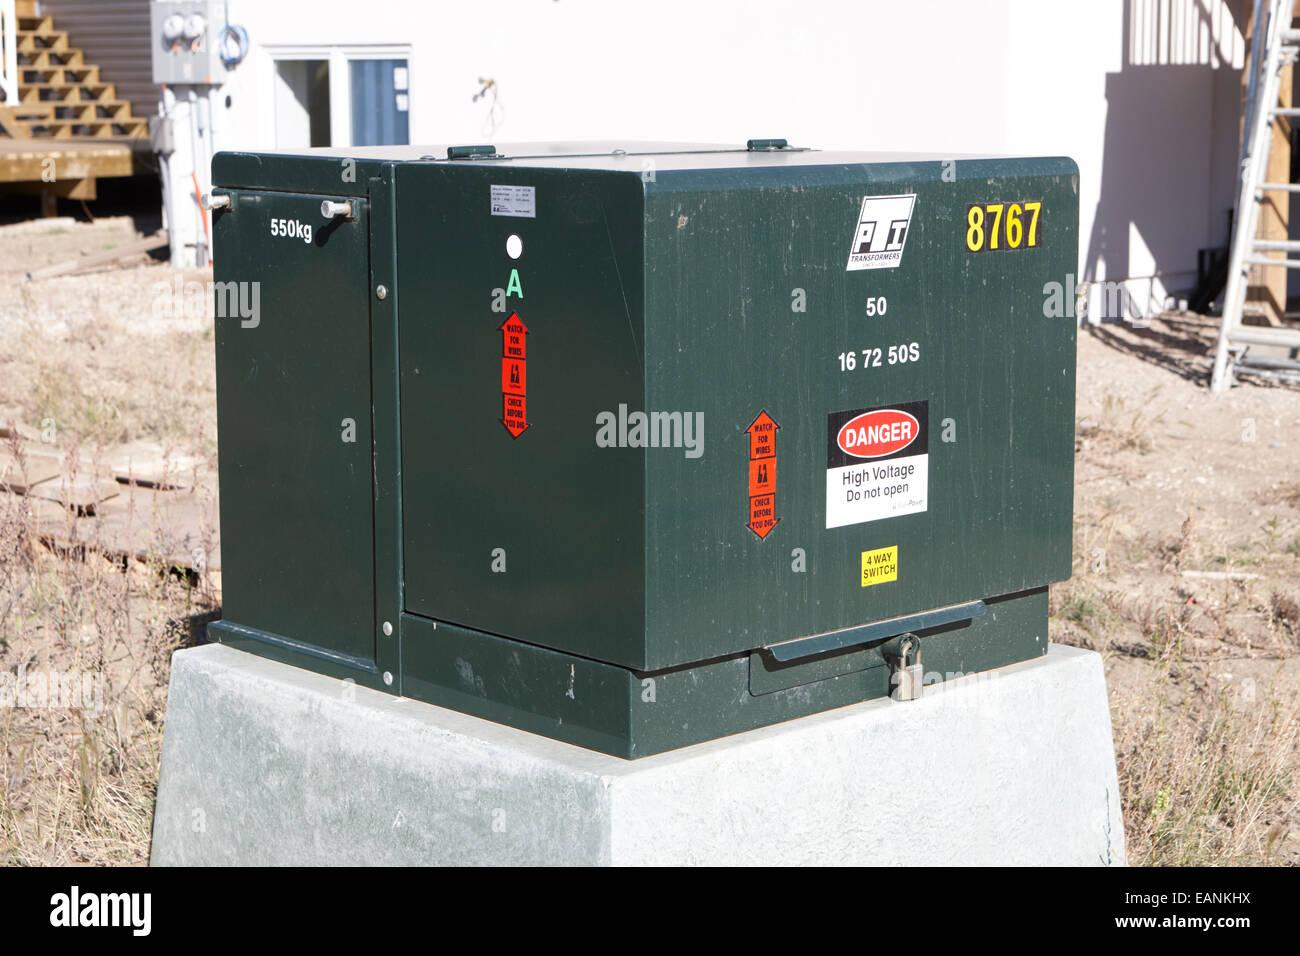 Hochspannung Nachbarschaft Power Supply Step-down Transformator Saskatchewan Kanada Stockbild